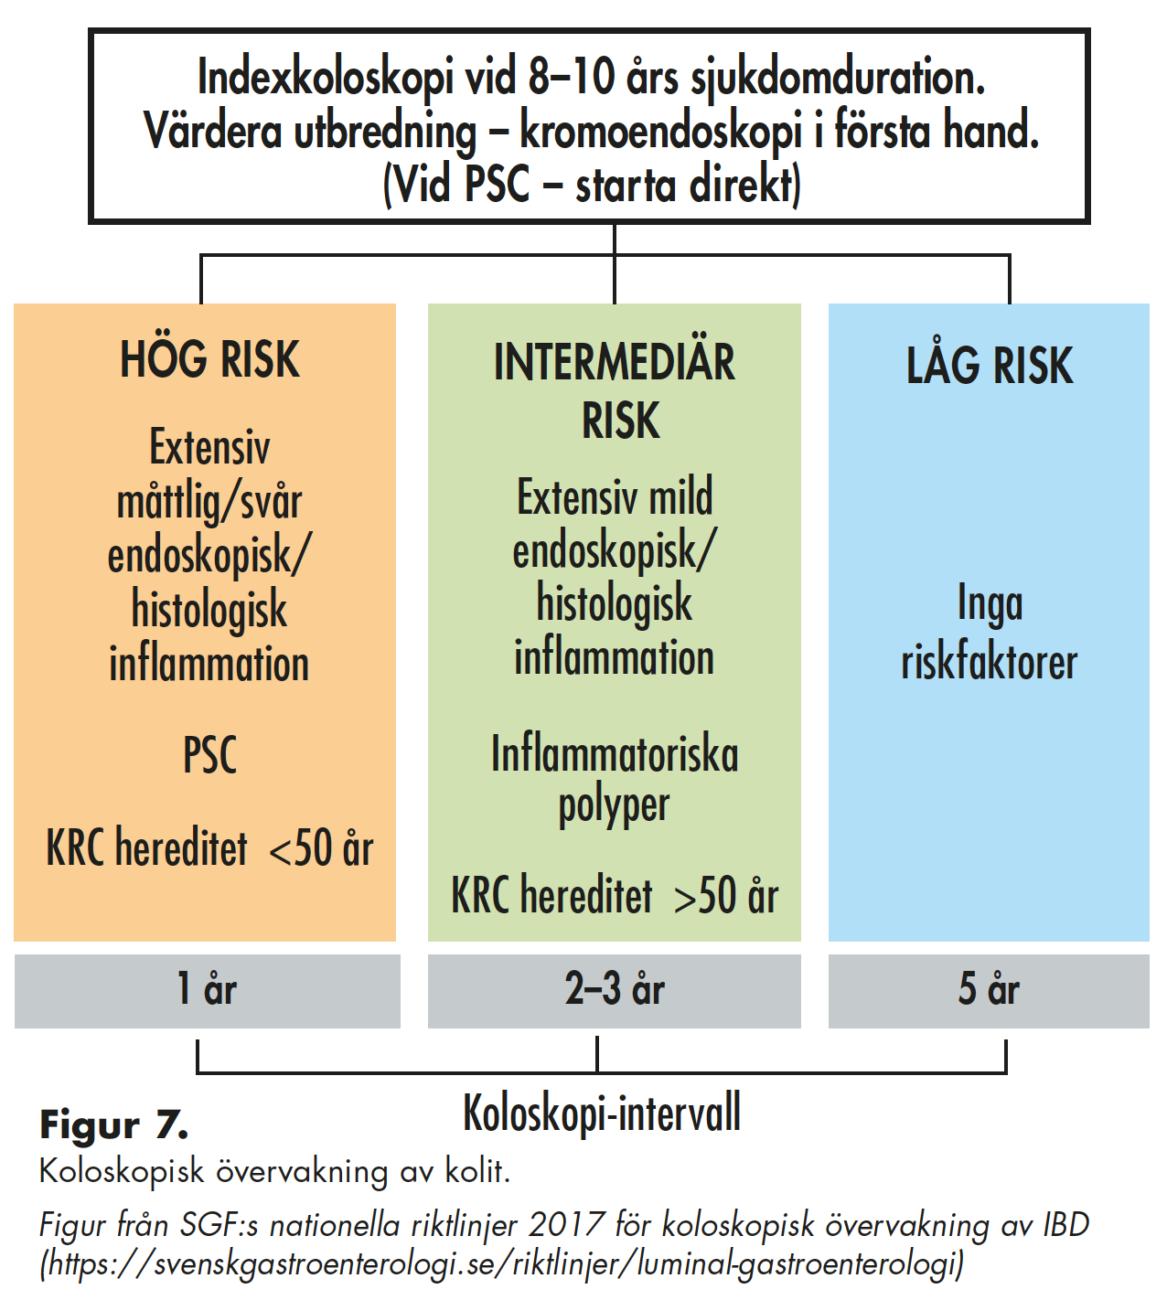 Indexkoloskopi vid 8–10 års sjukdomduration. Värdera utbredning – kromoendoskopi i första hand. (Vid PSC – starta direkt)